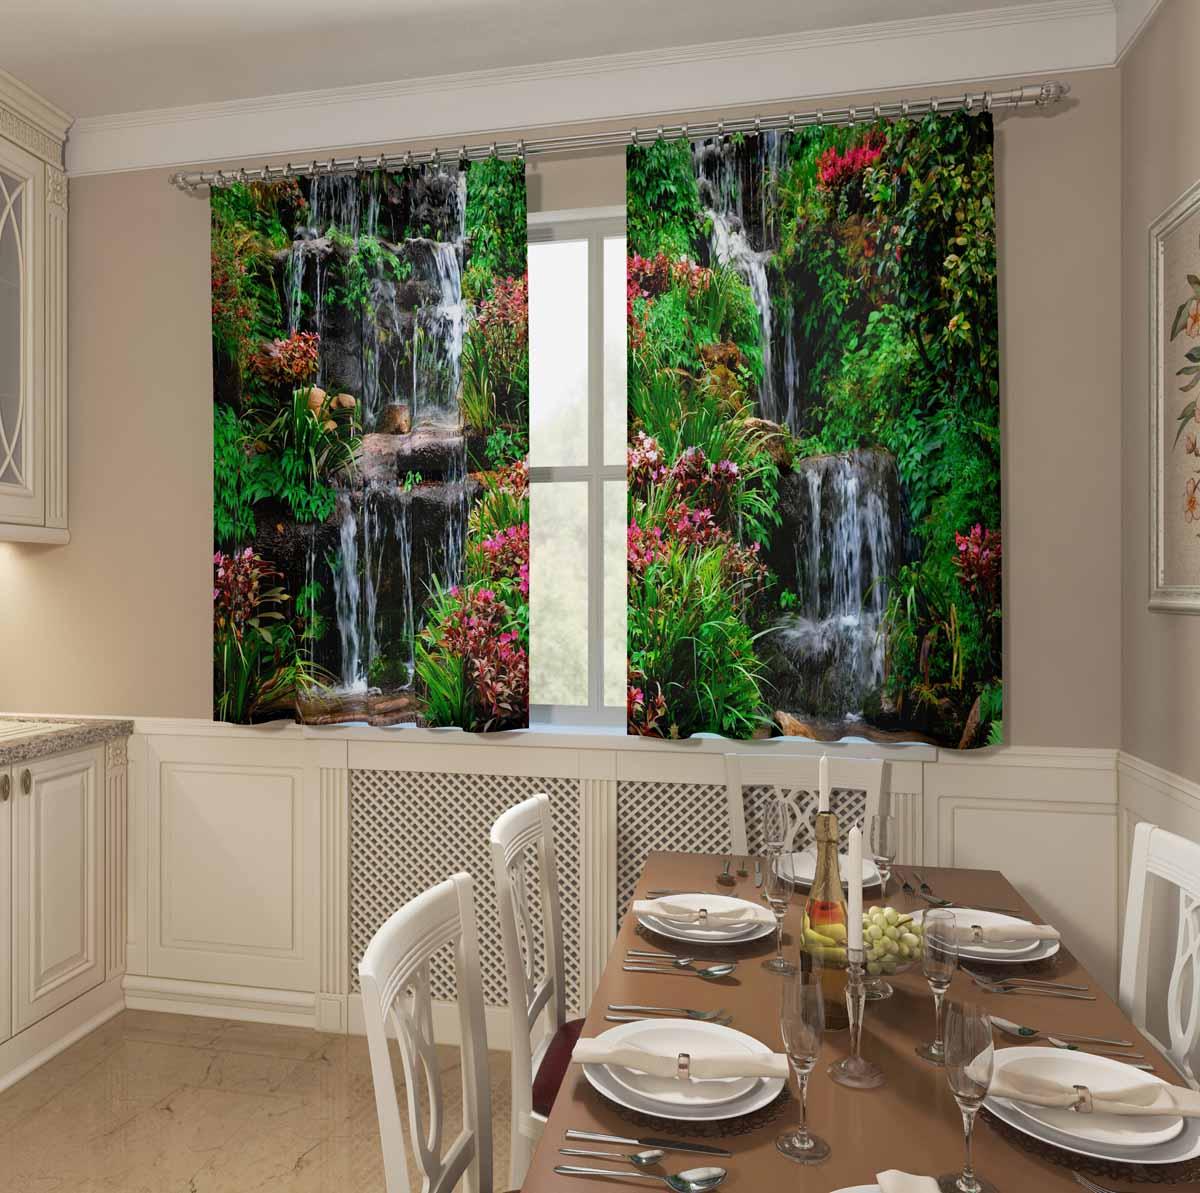 Комплект фотоштор для кухни Сирень Водопад в саду, на ленте, высота 160 см фотошторы сирень лаура в саду